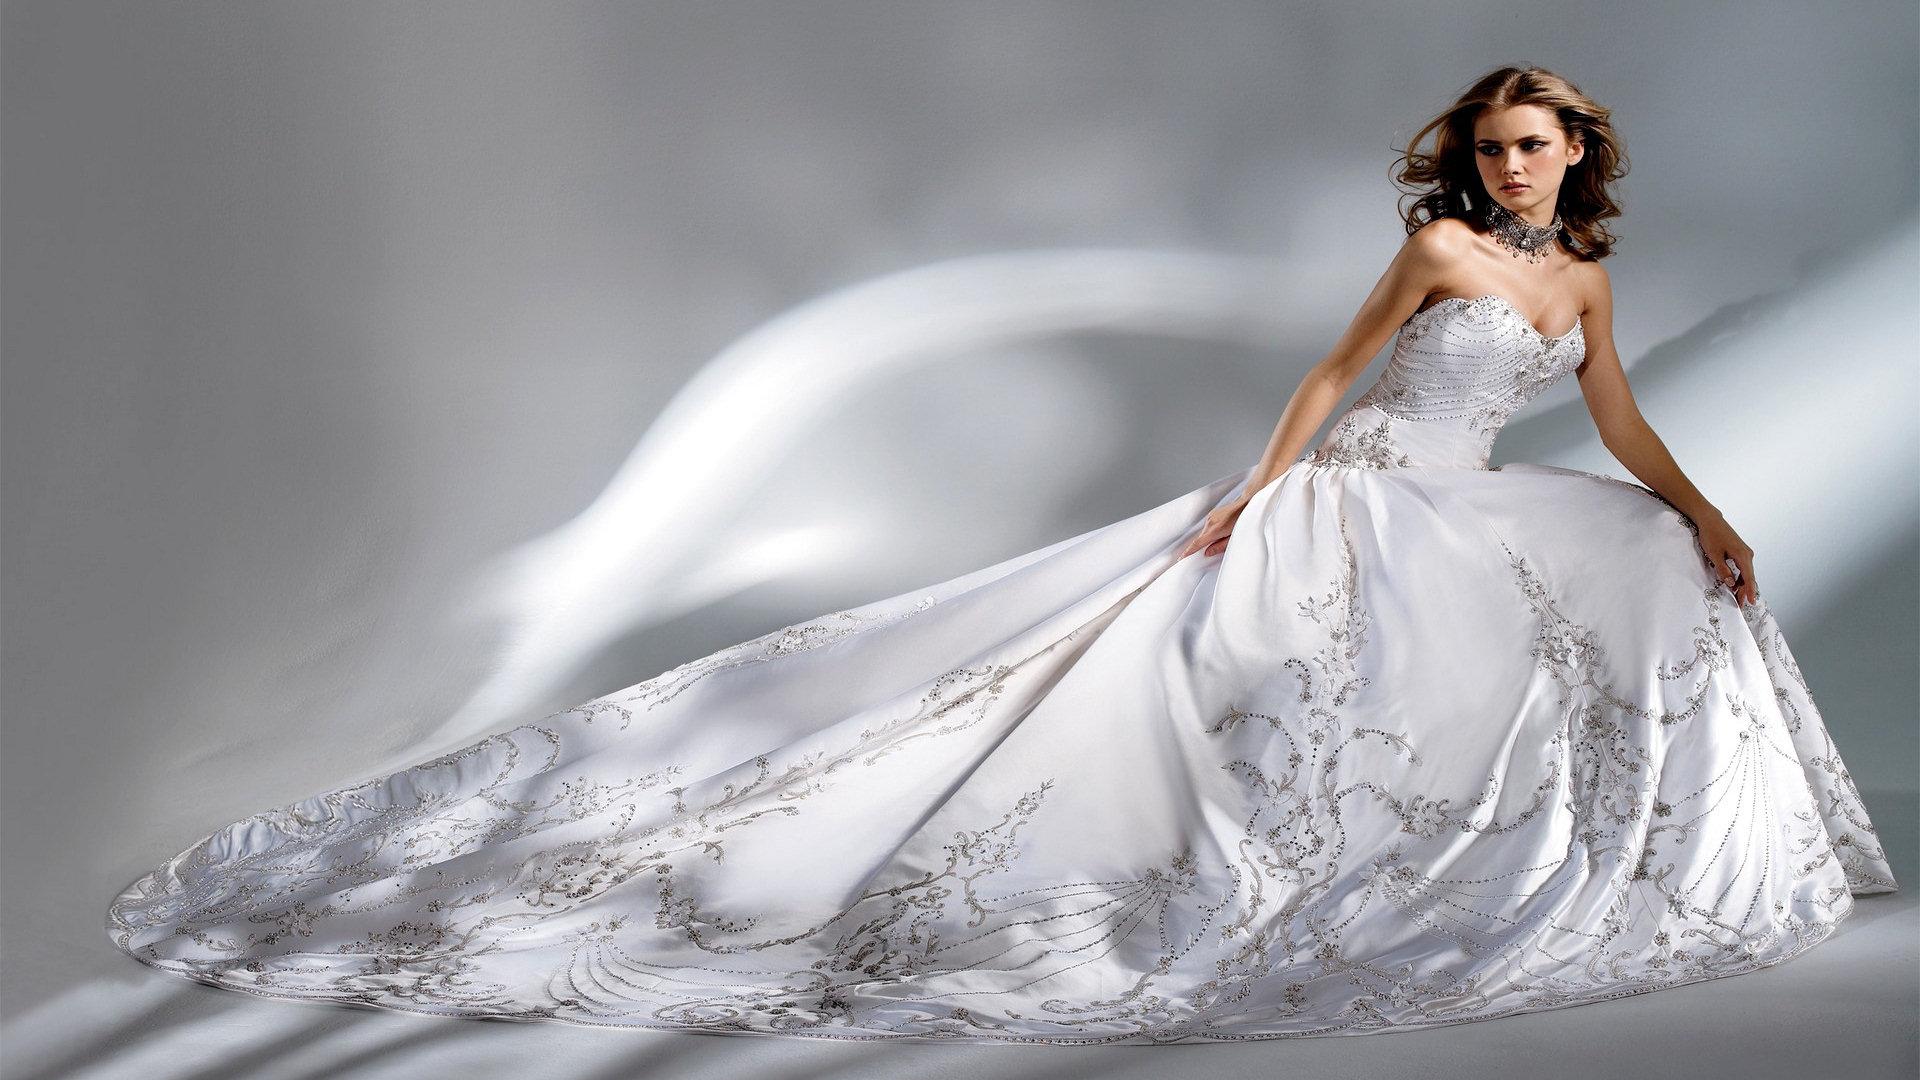 картинка фон свадебный салон невеста космос опубликовать